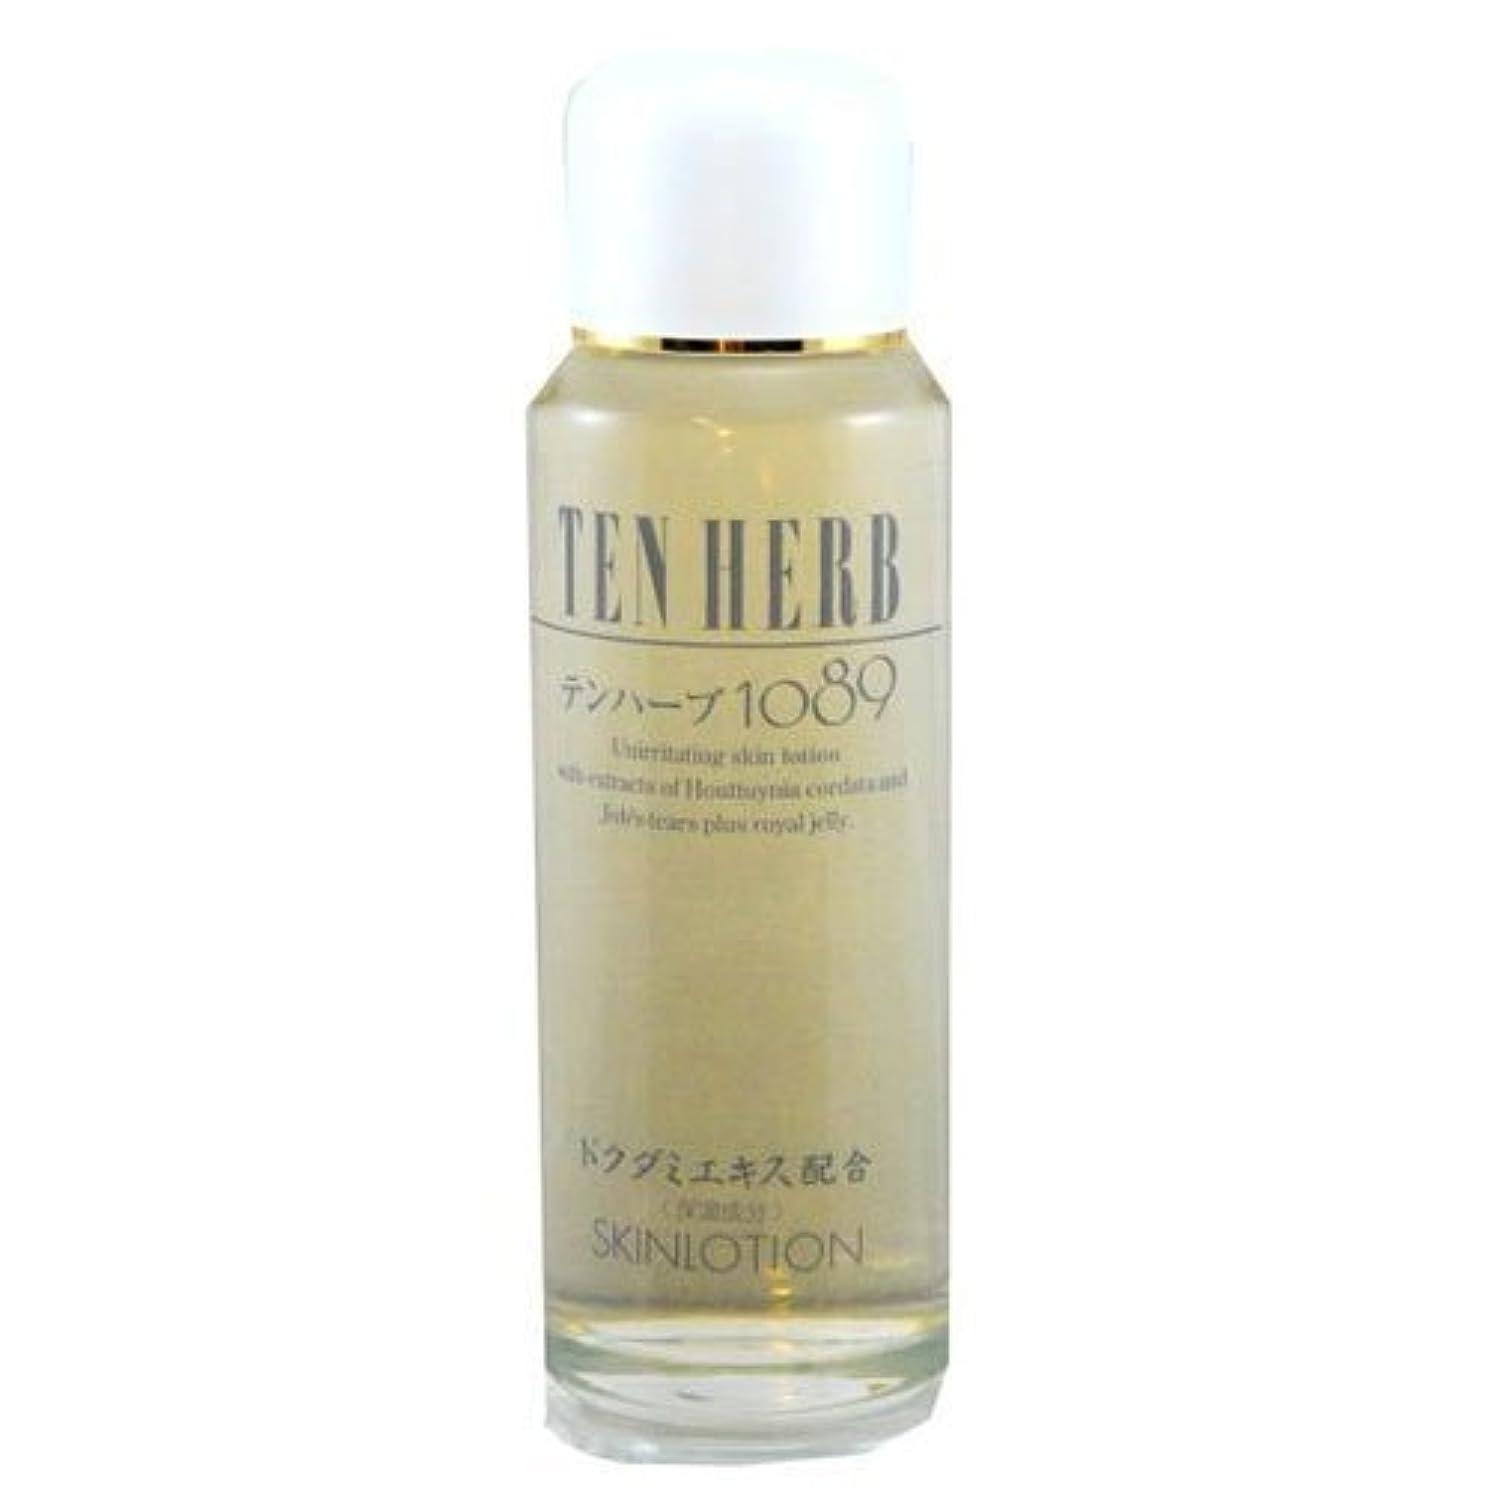 高くフォーラム有名なテンハーブ 1089(化粧水) 120ml